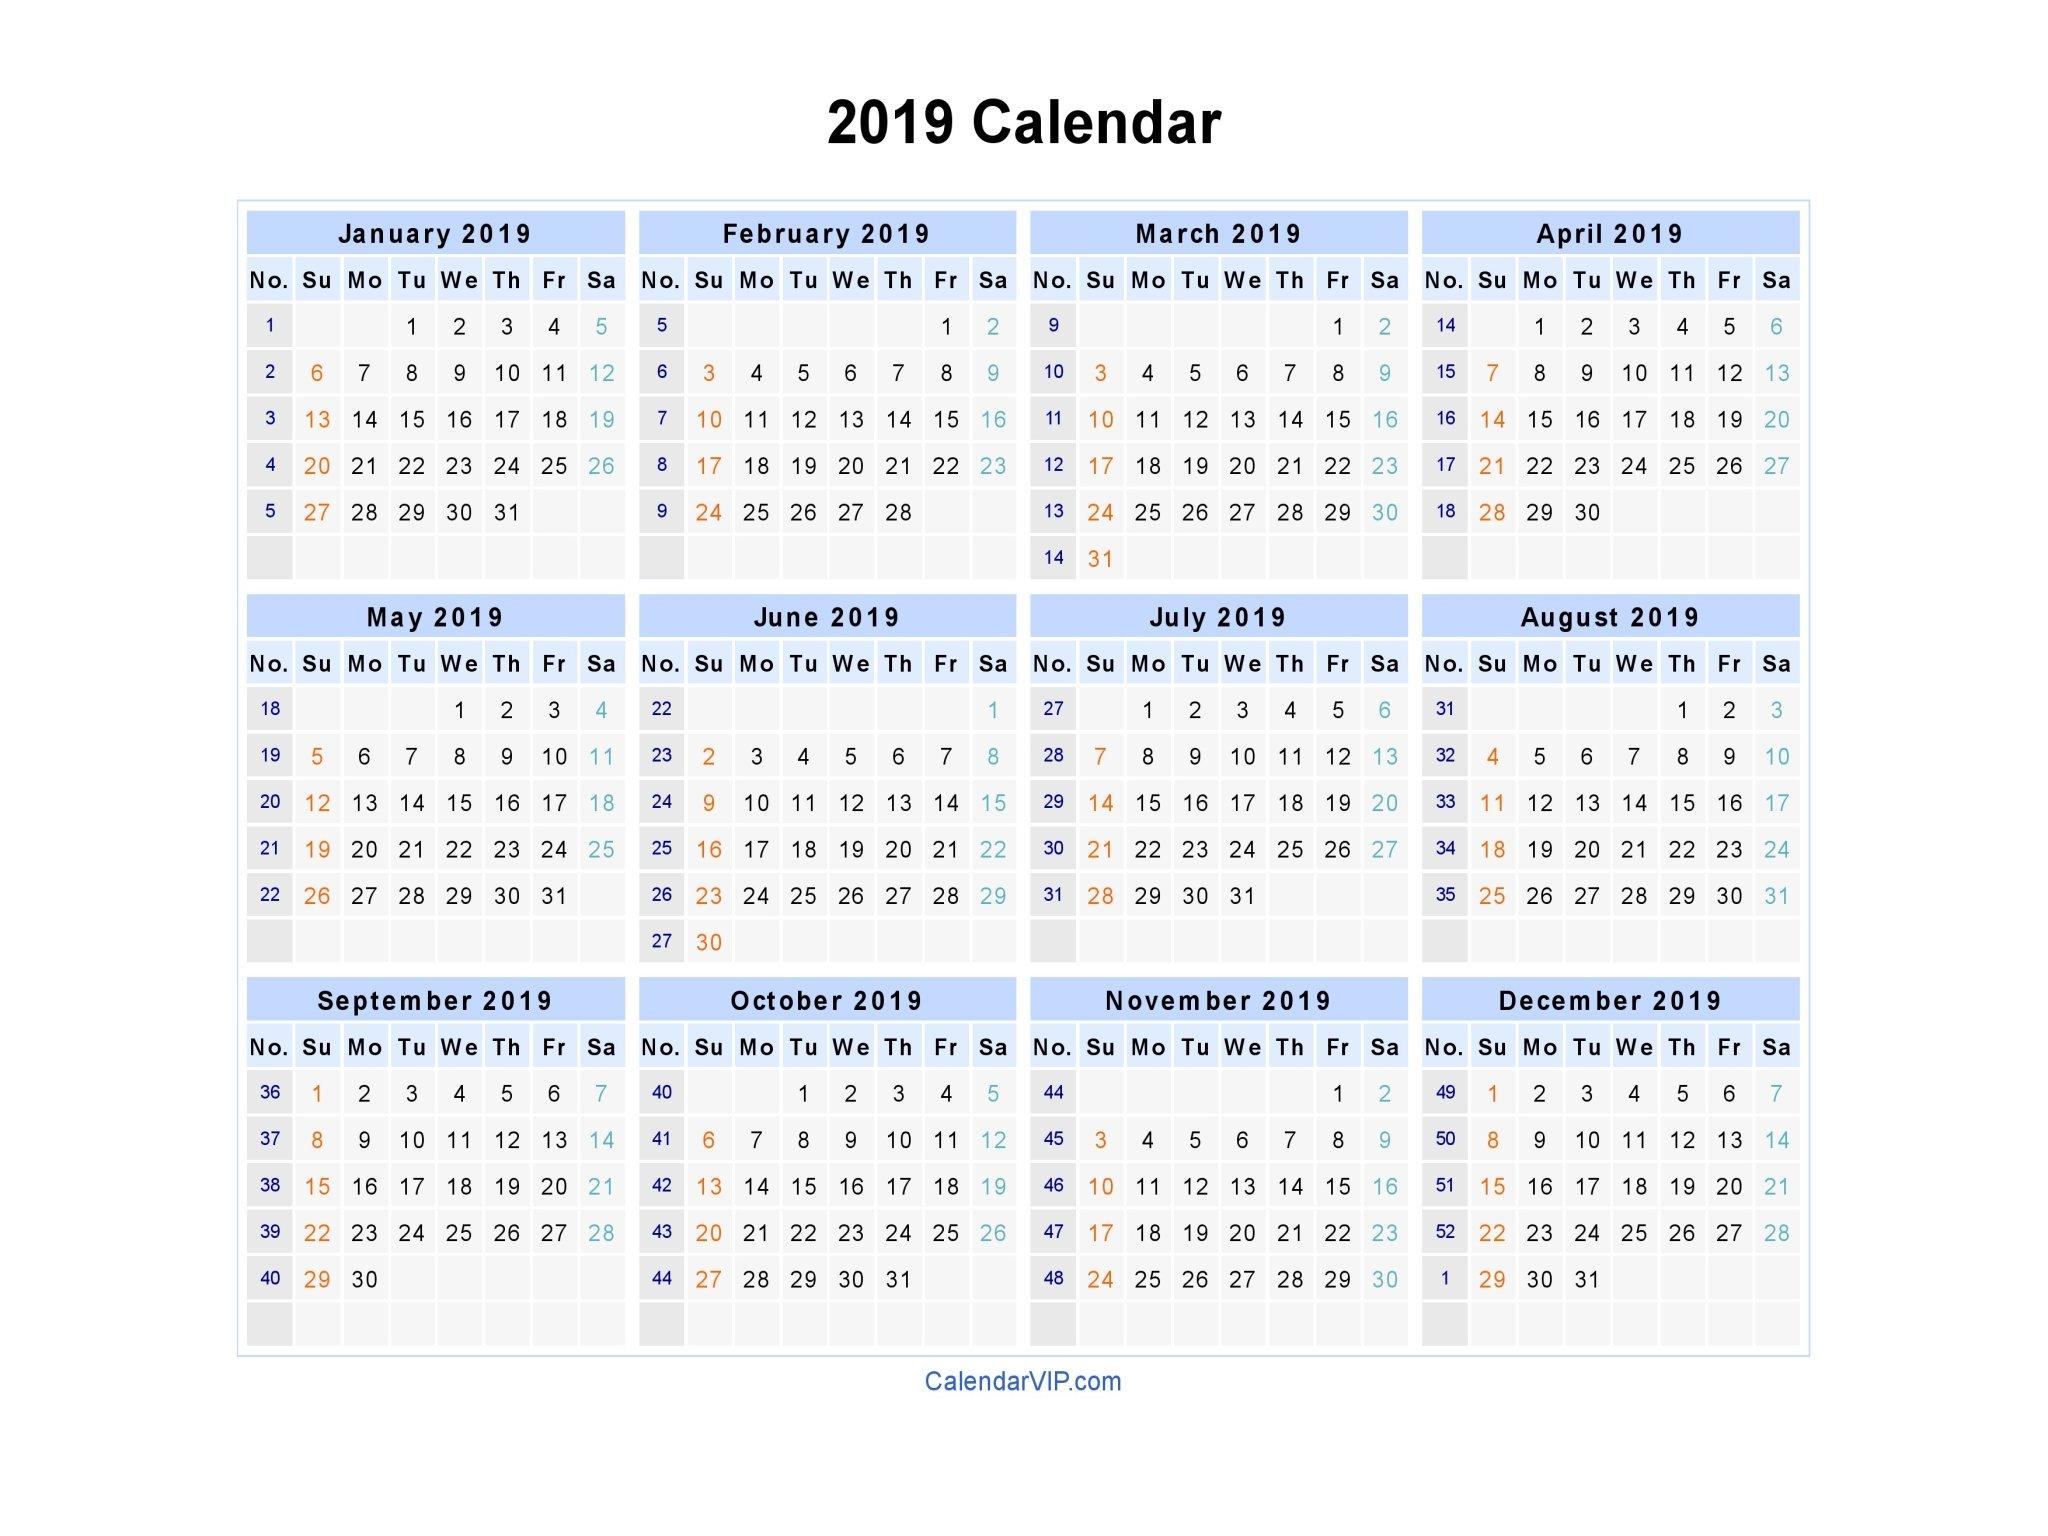 2019 Calendar - Blank Printable Calendar Template In Pdf Word Excel Calendar 2019 Numbered Weeks